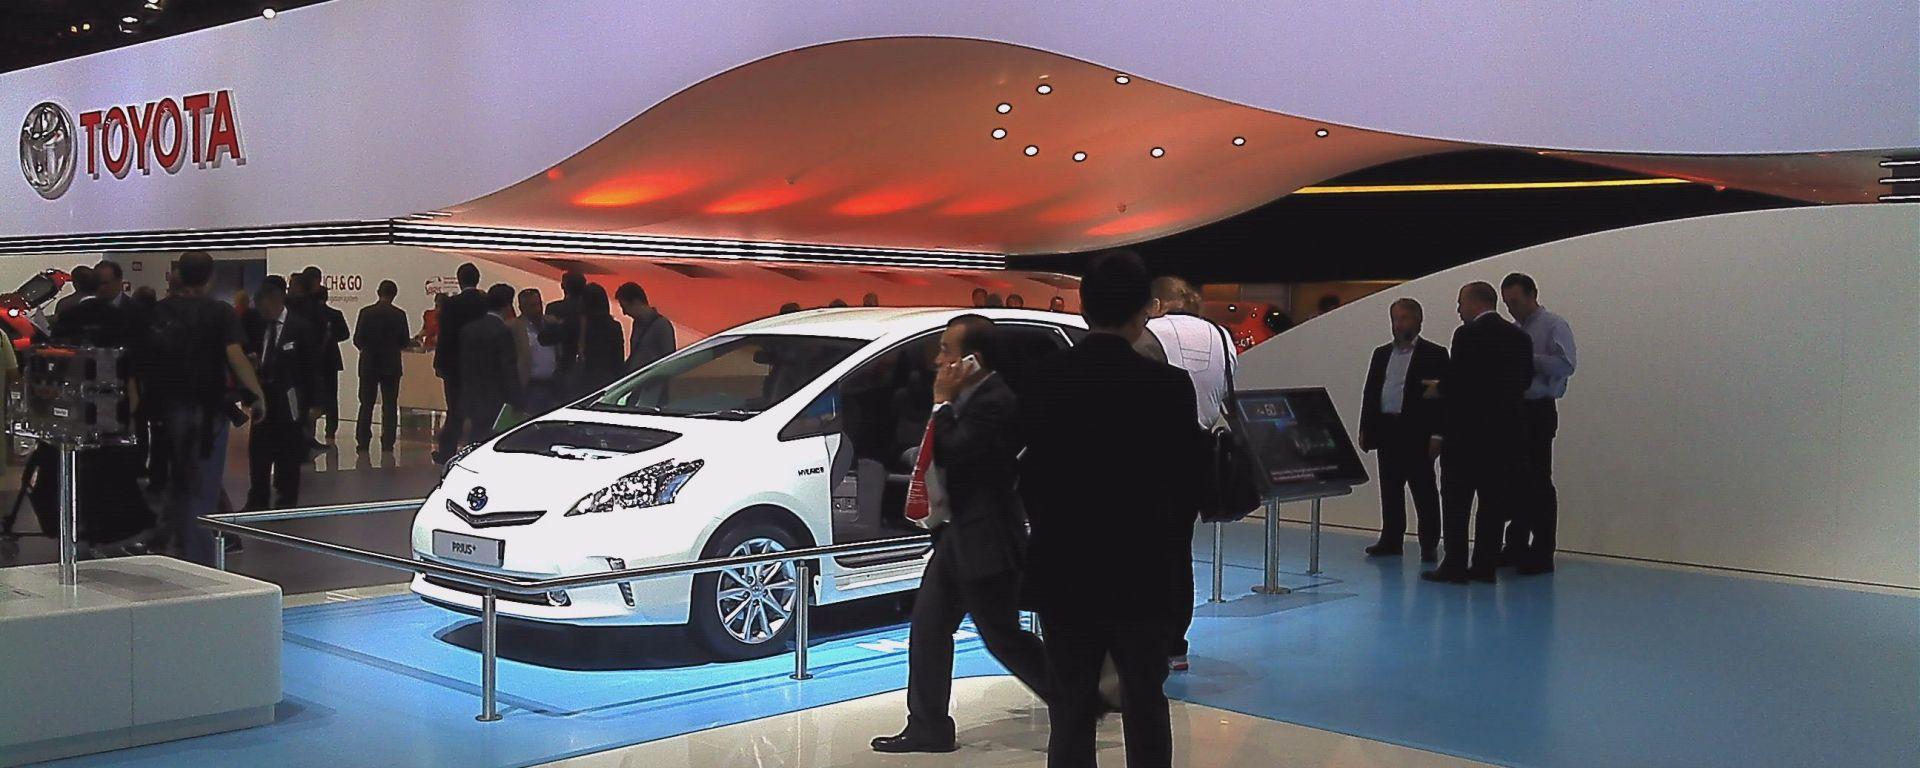 Francoforte IAA 2011: Toyota Yaris 2012, Toyota Prius e Avensis